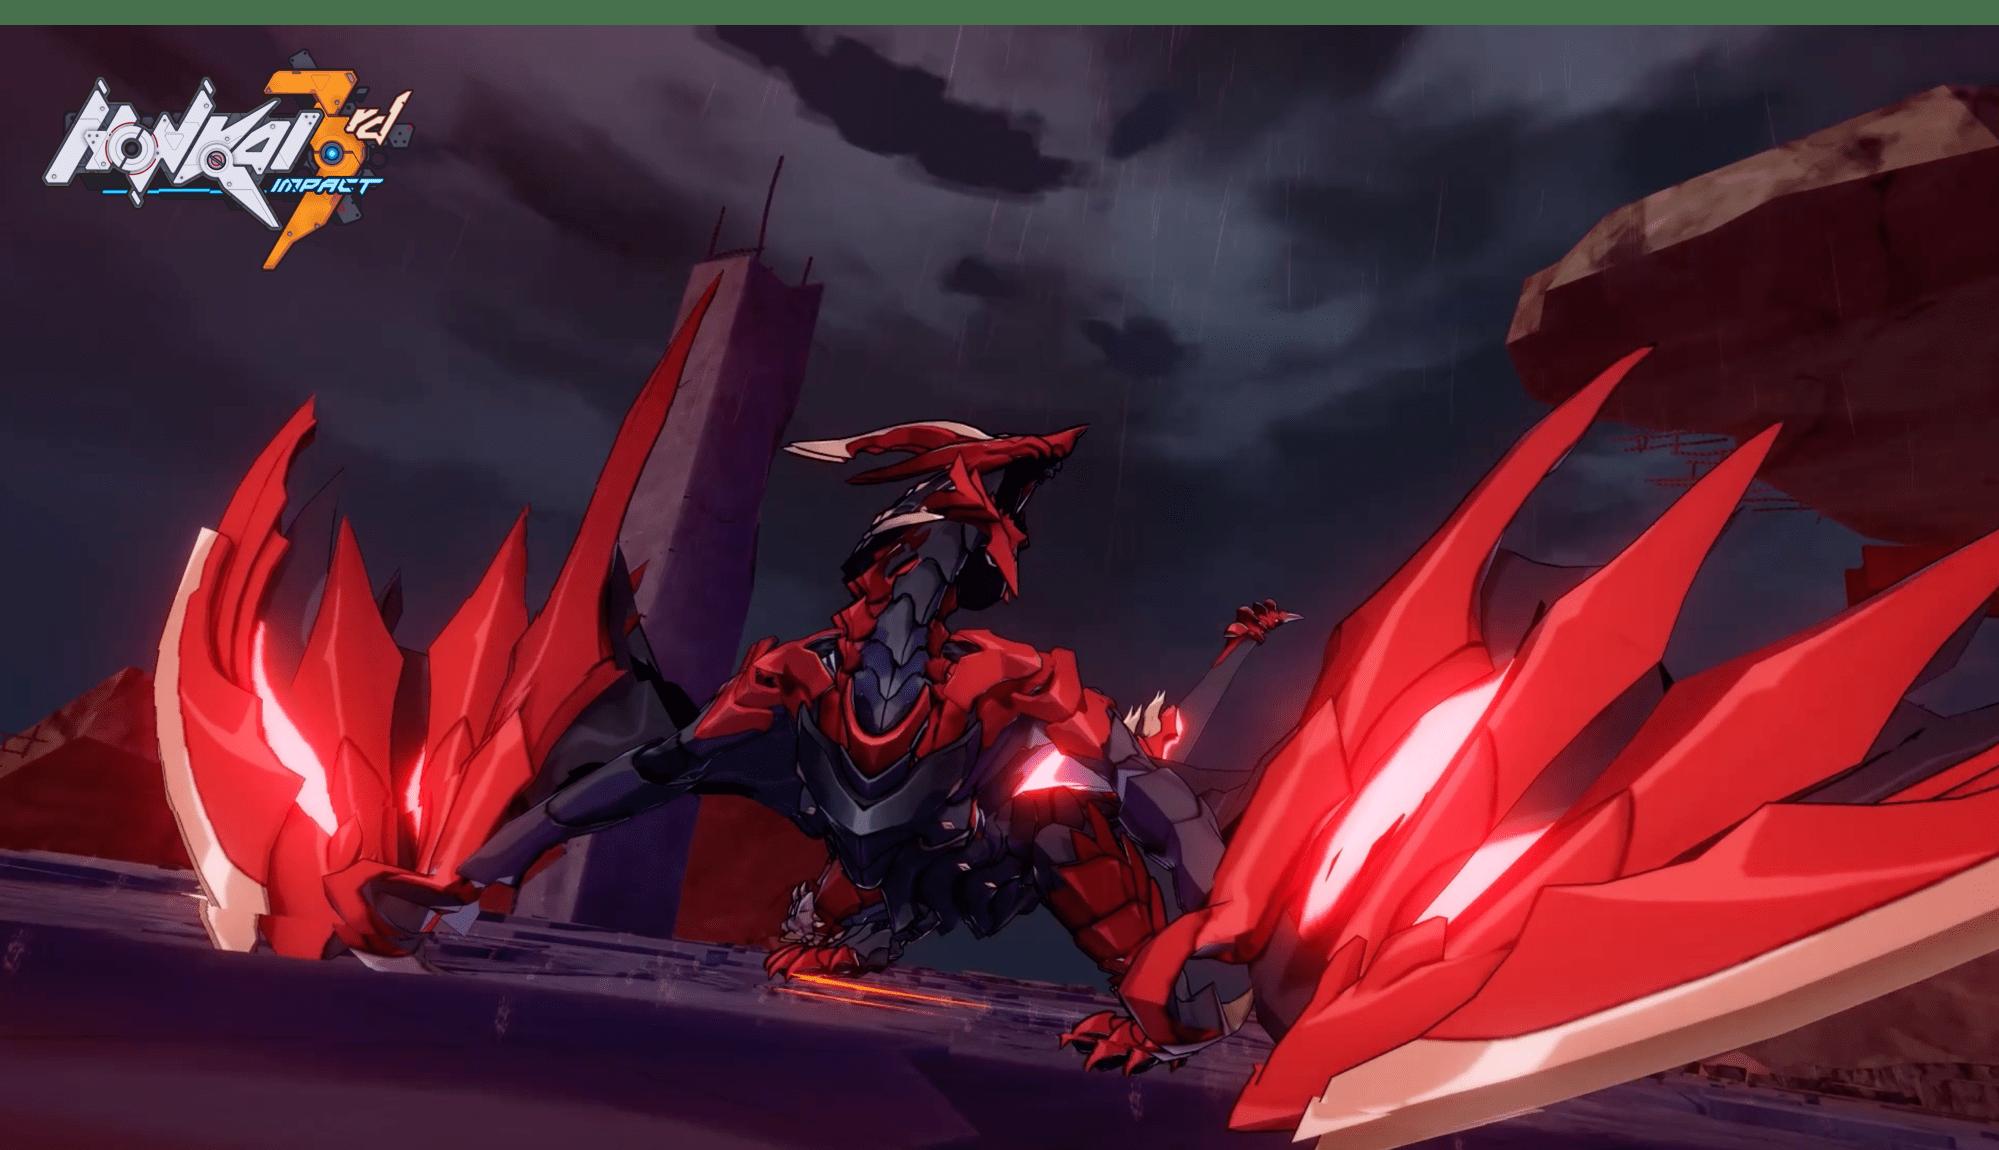 Honkai impact 3_screenshot 3